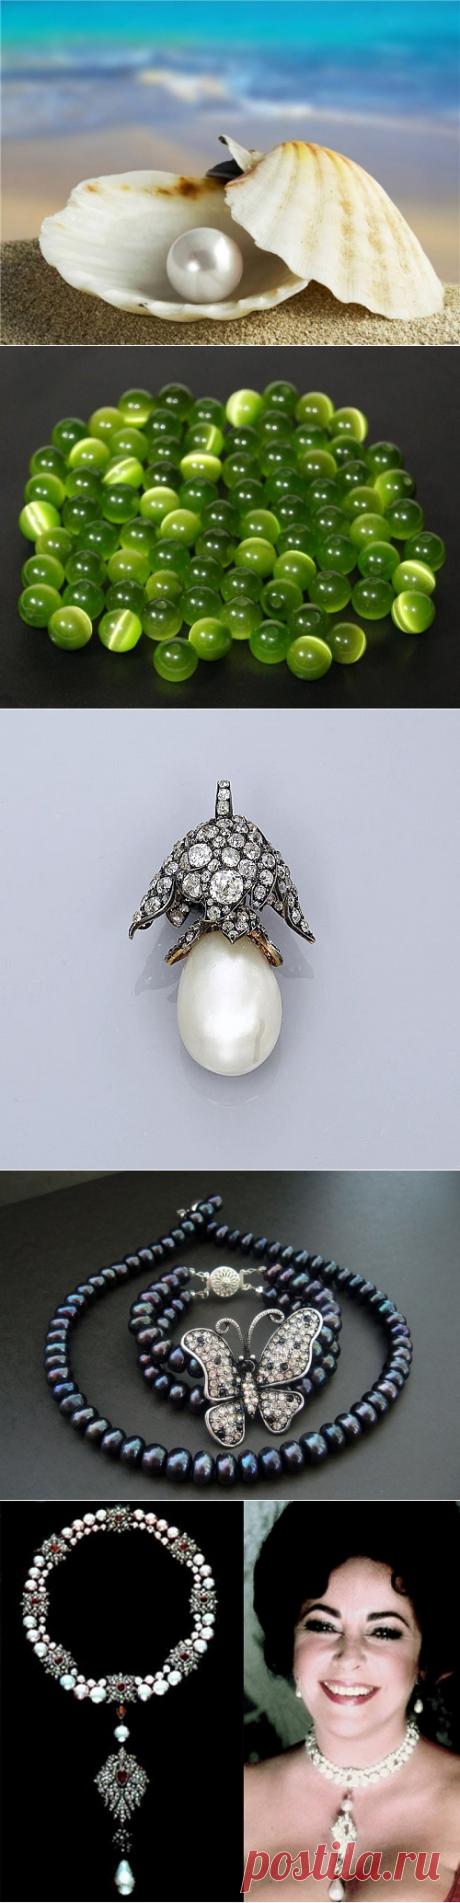 Интересные факты про жемчуг – драгоценность, созданную моллюском